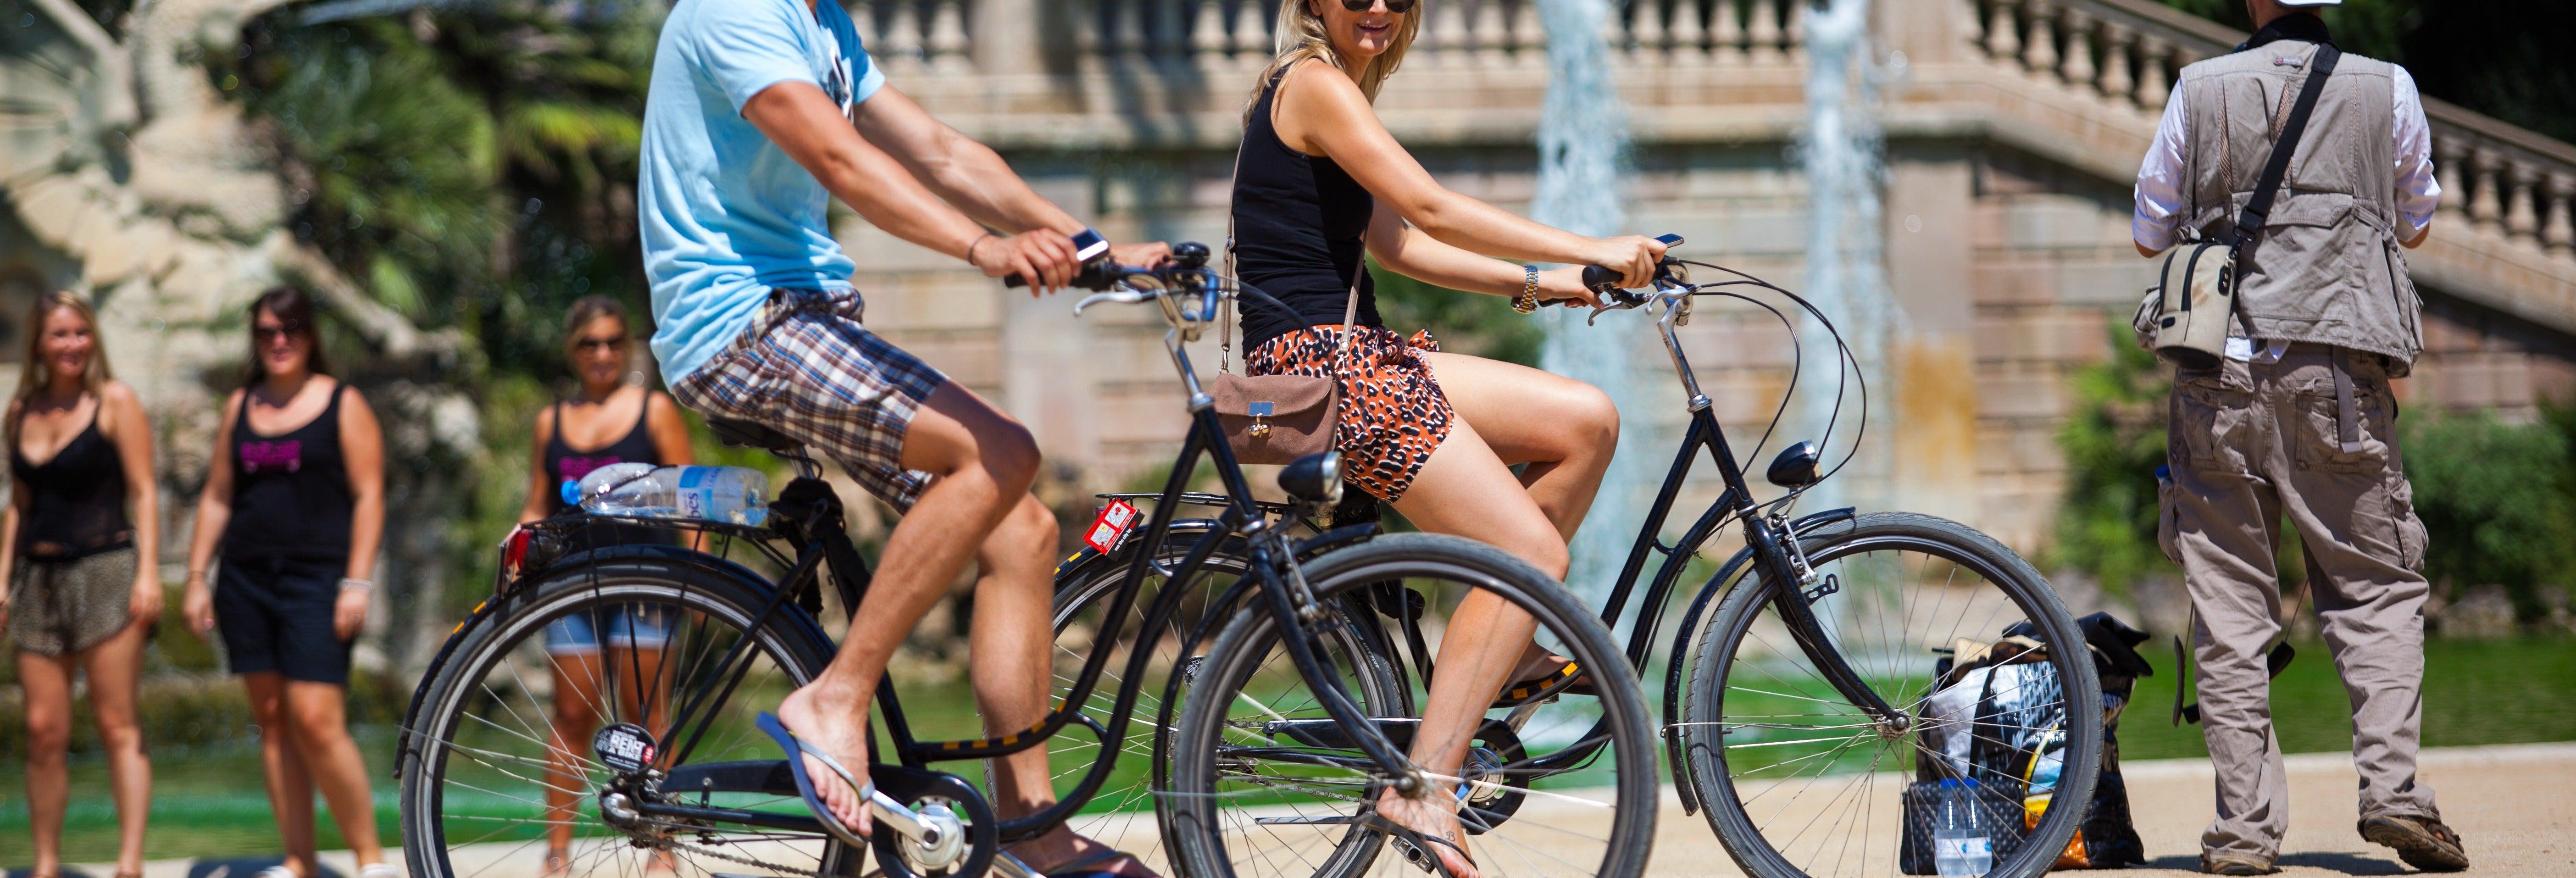 Tour en bicicleta eléctrica por Barcelona